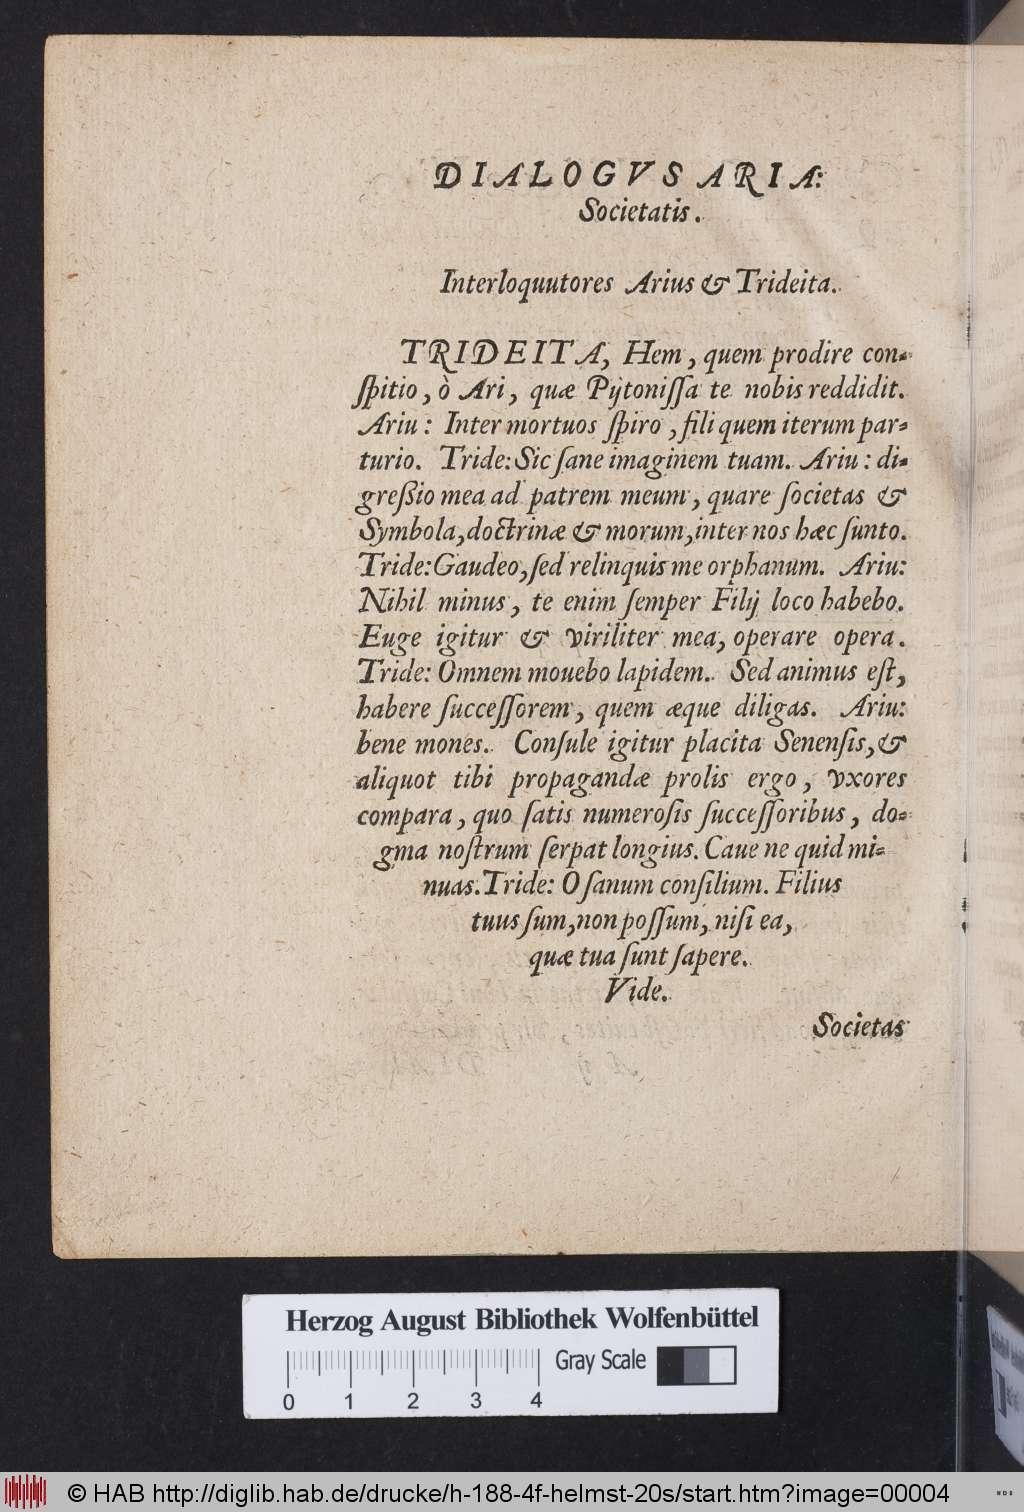 http://diglib.hab.de/drucke/h-188-4f-helmst-20s/00004.jpg